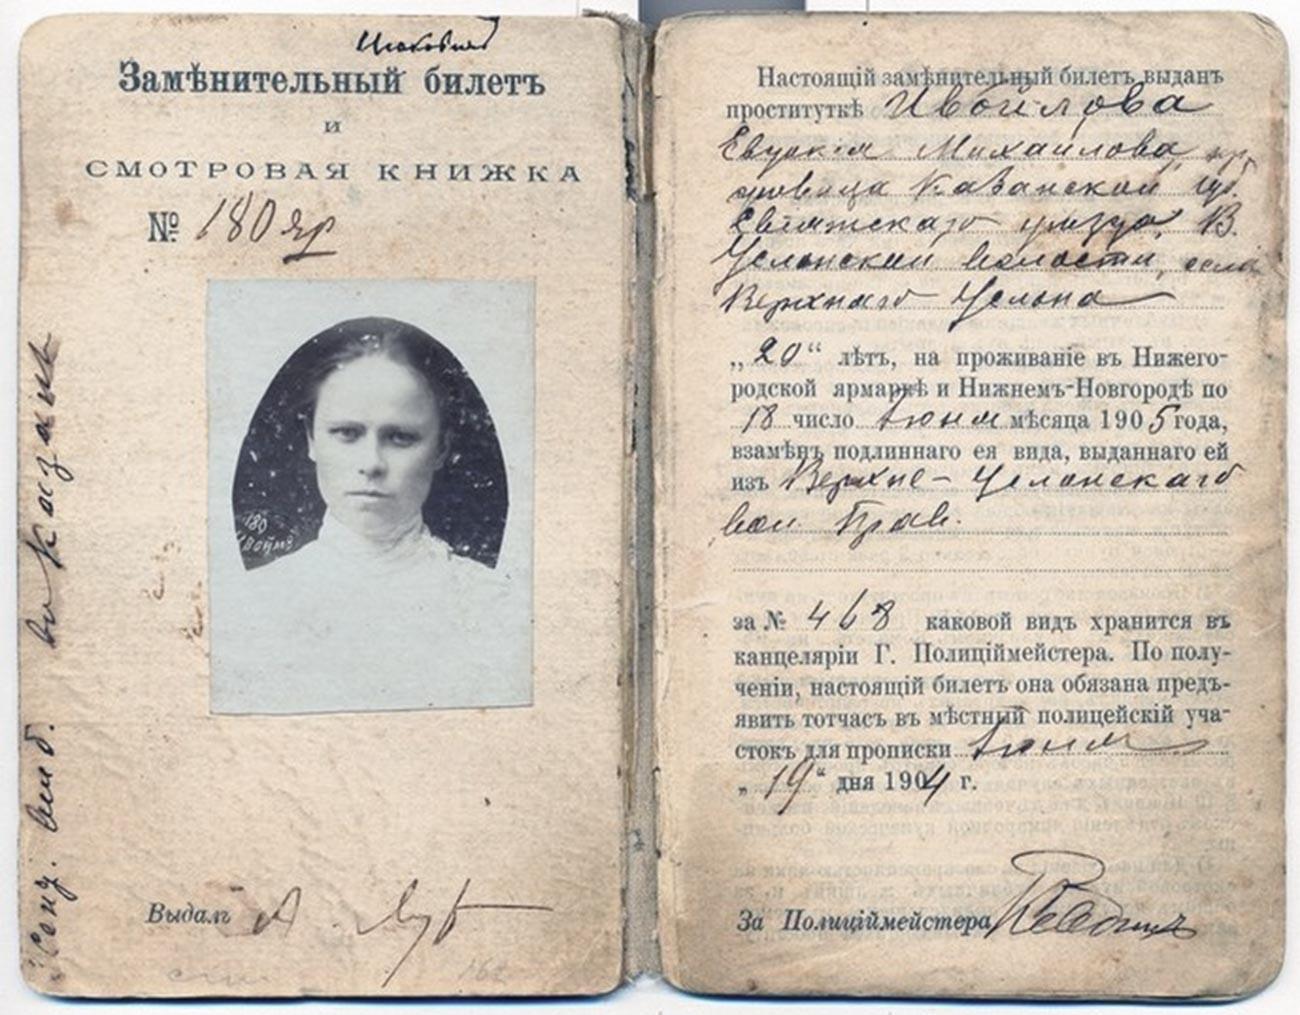 Izkaznica prostitutke (1904-1905)